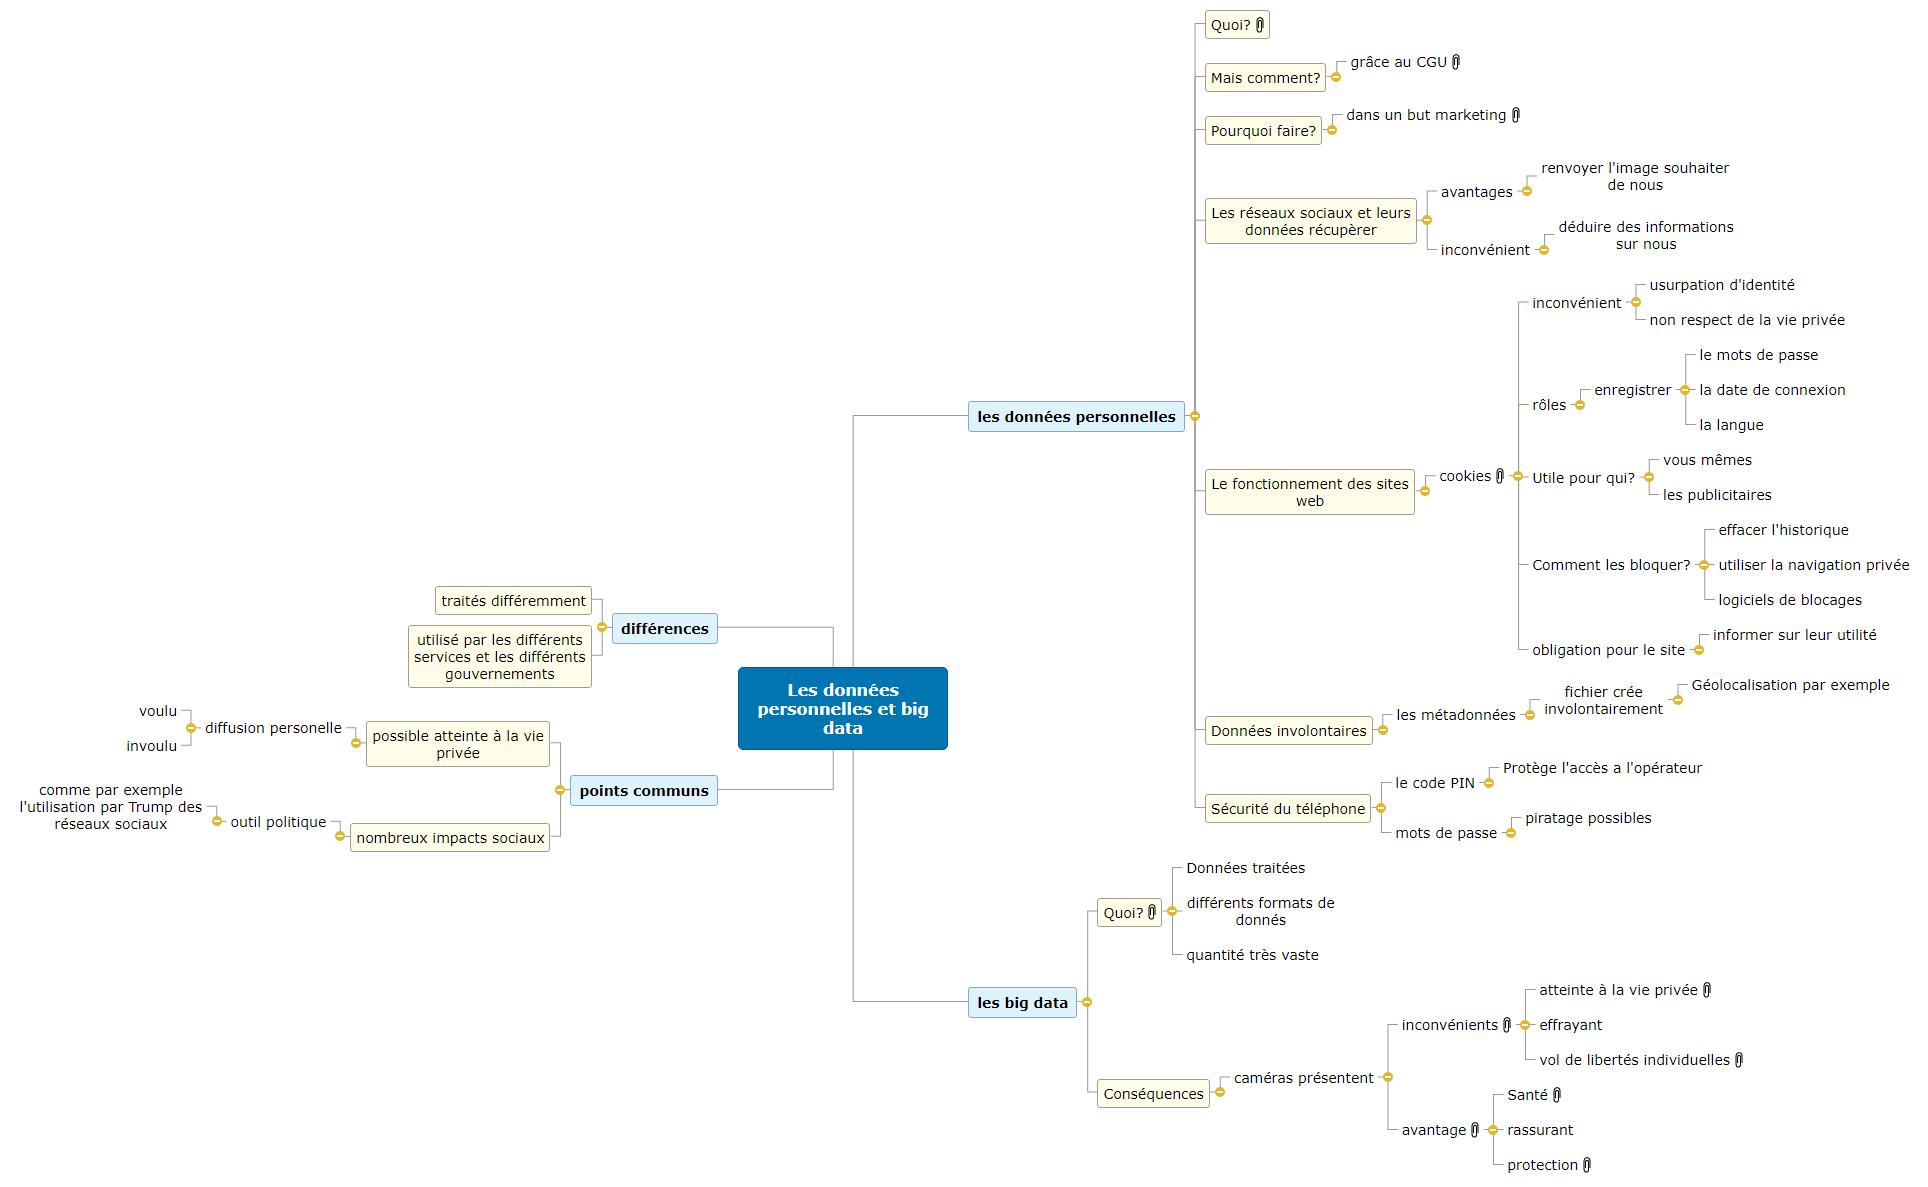 Les données personnelles et big data Mind Maps